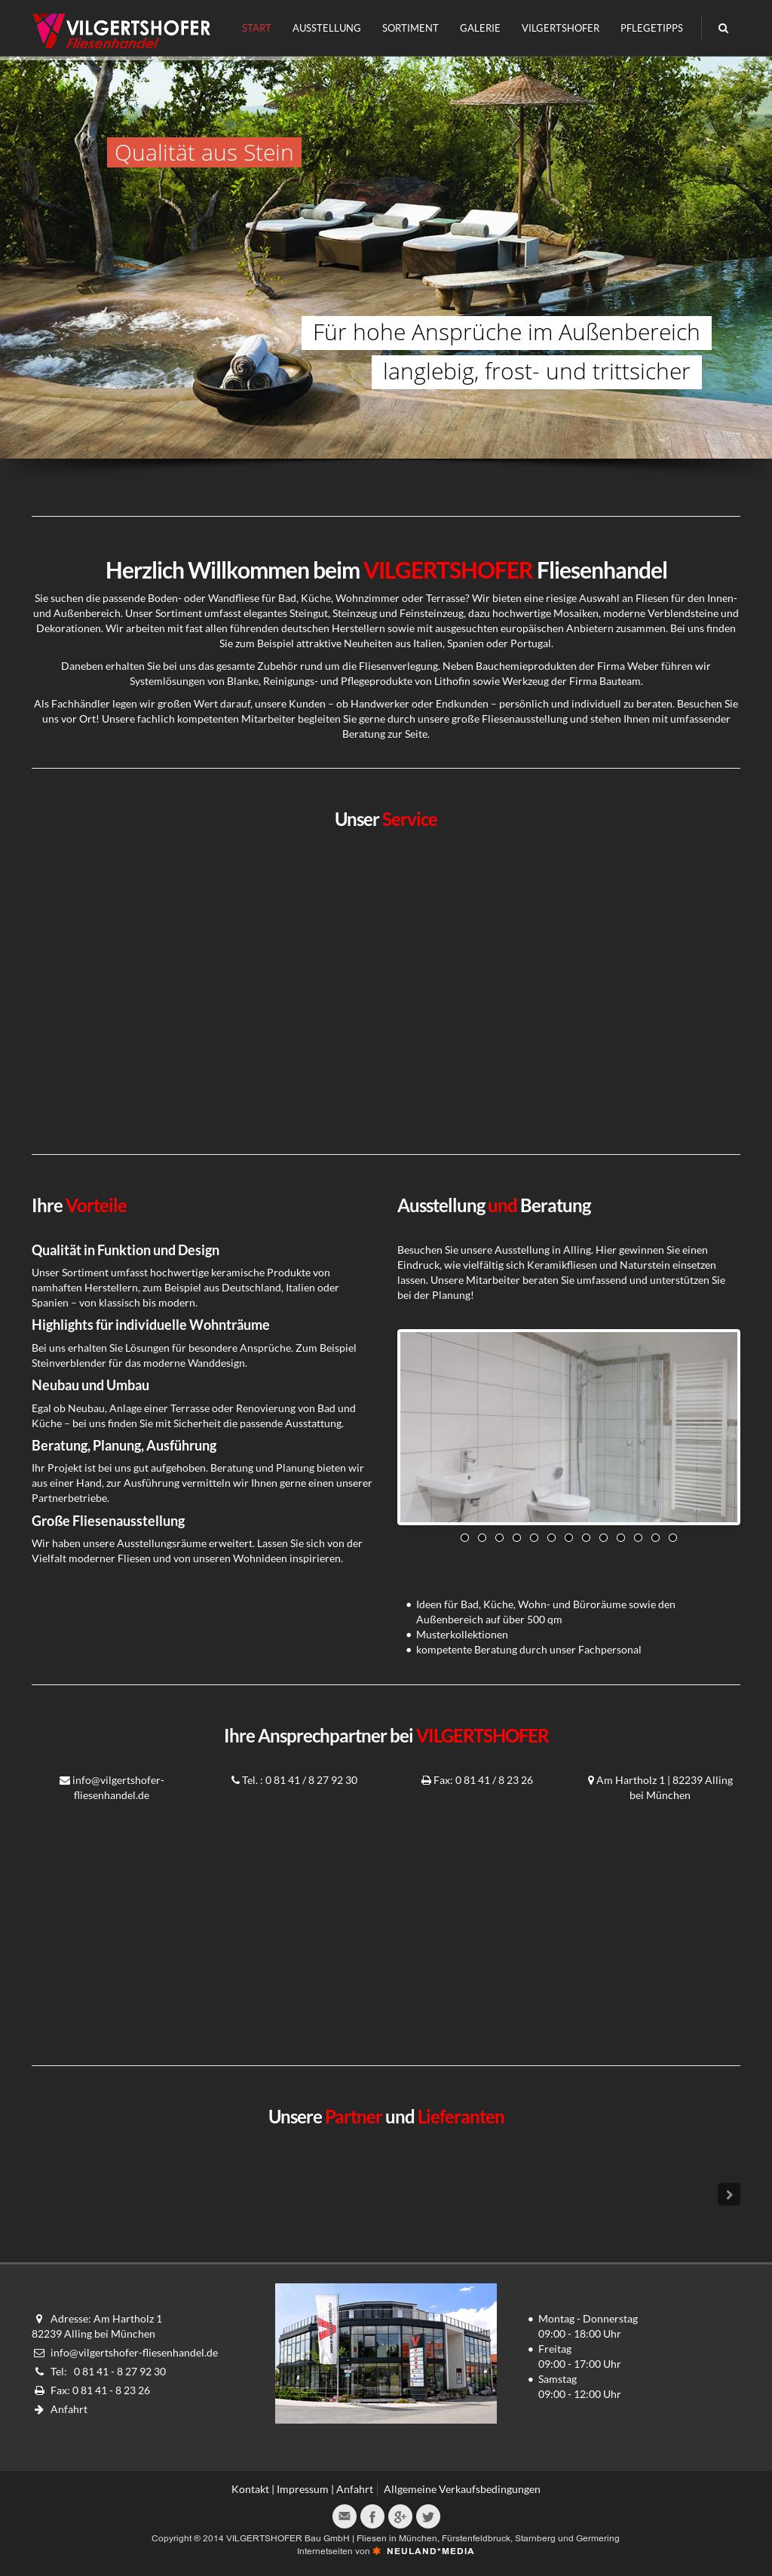 Charmant Küche Bad Design News Abo Zeitgenössisch - Küchen Design ...